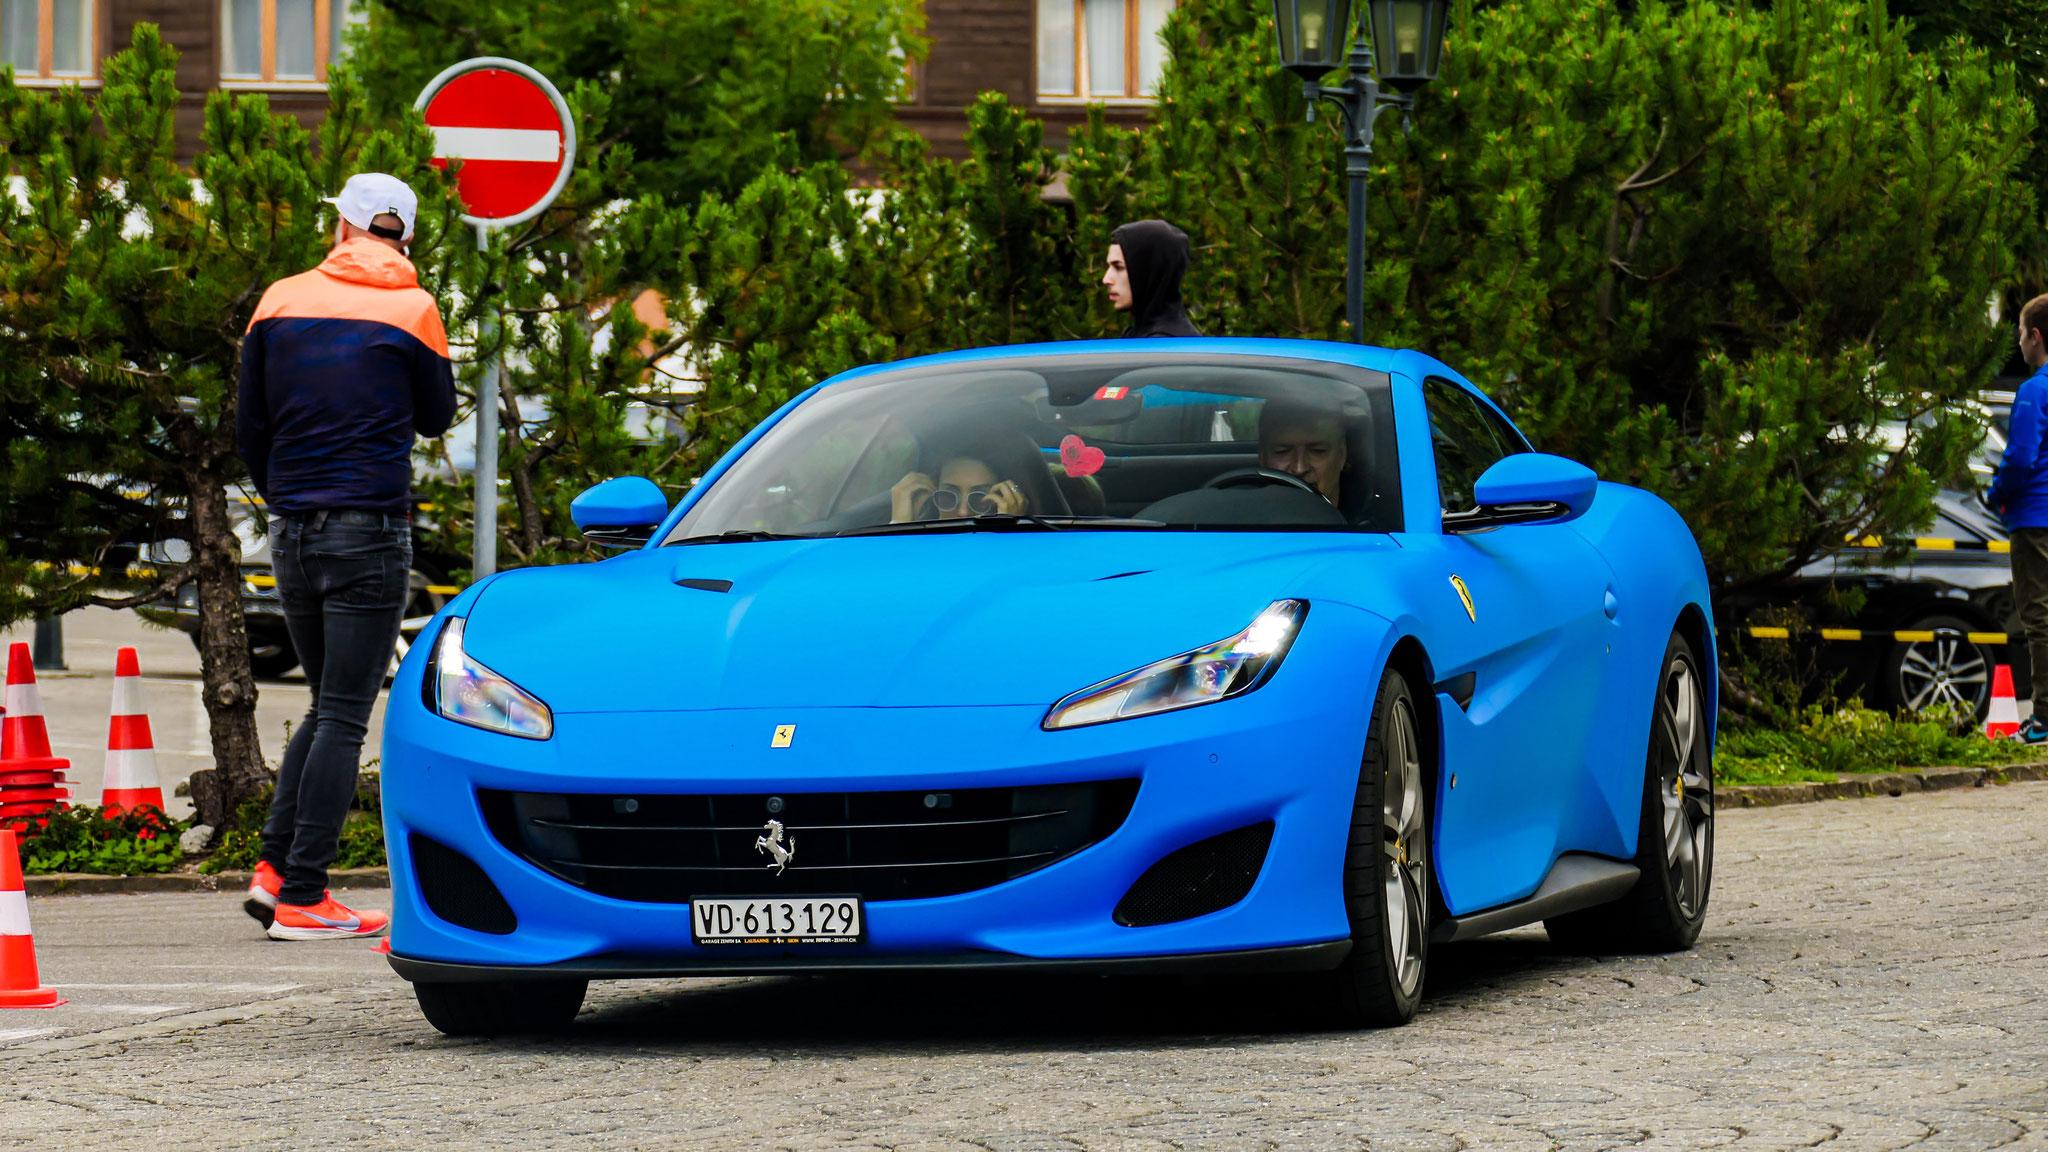 Ferrari Portofino - VD-613129 (CH)